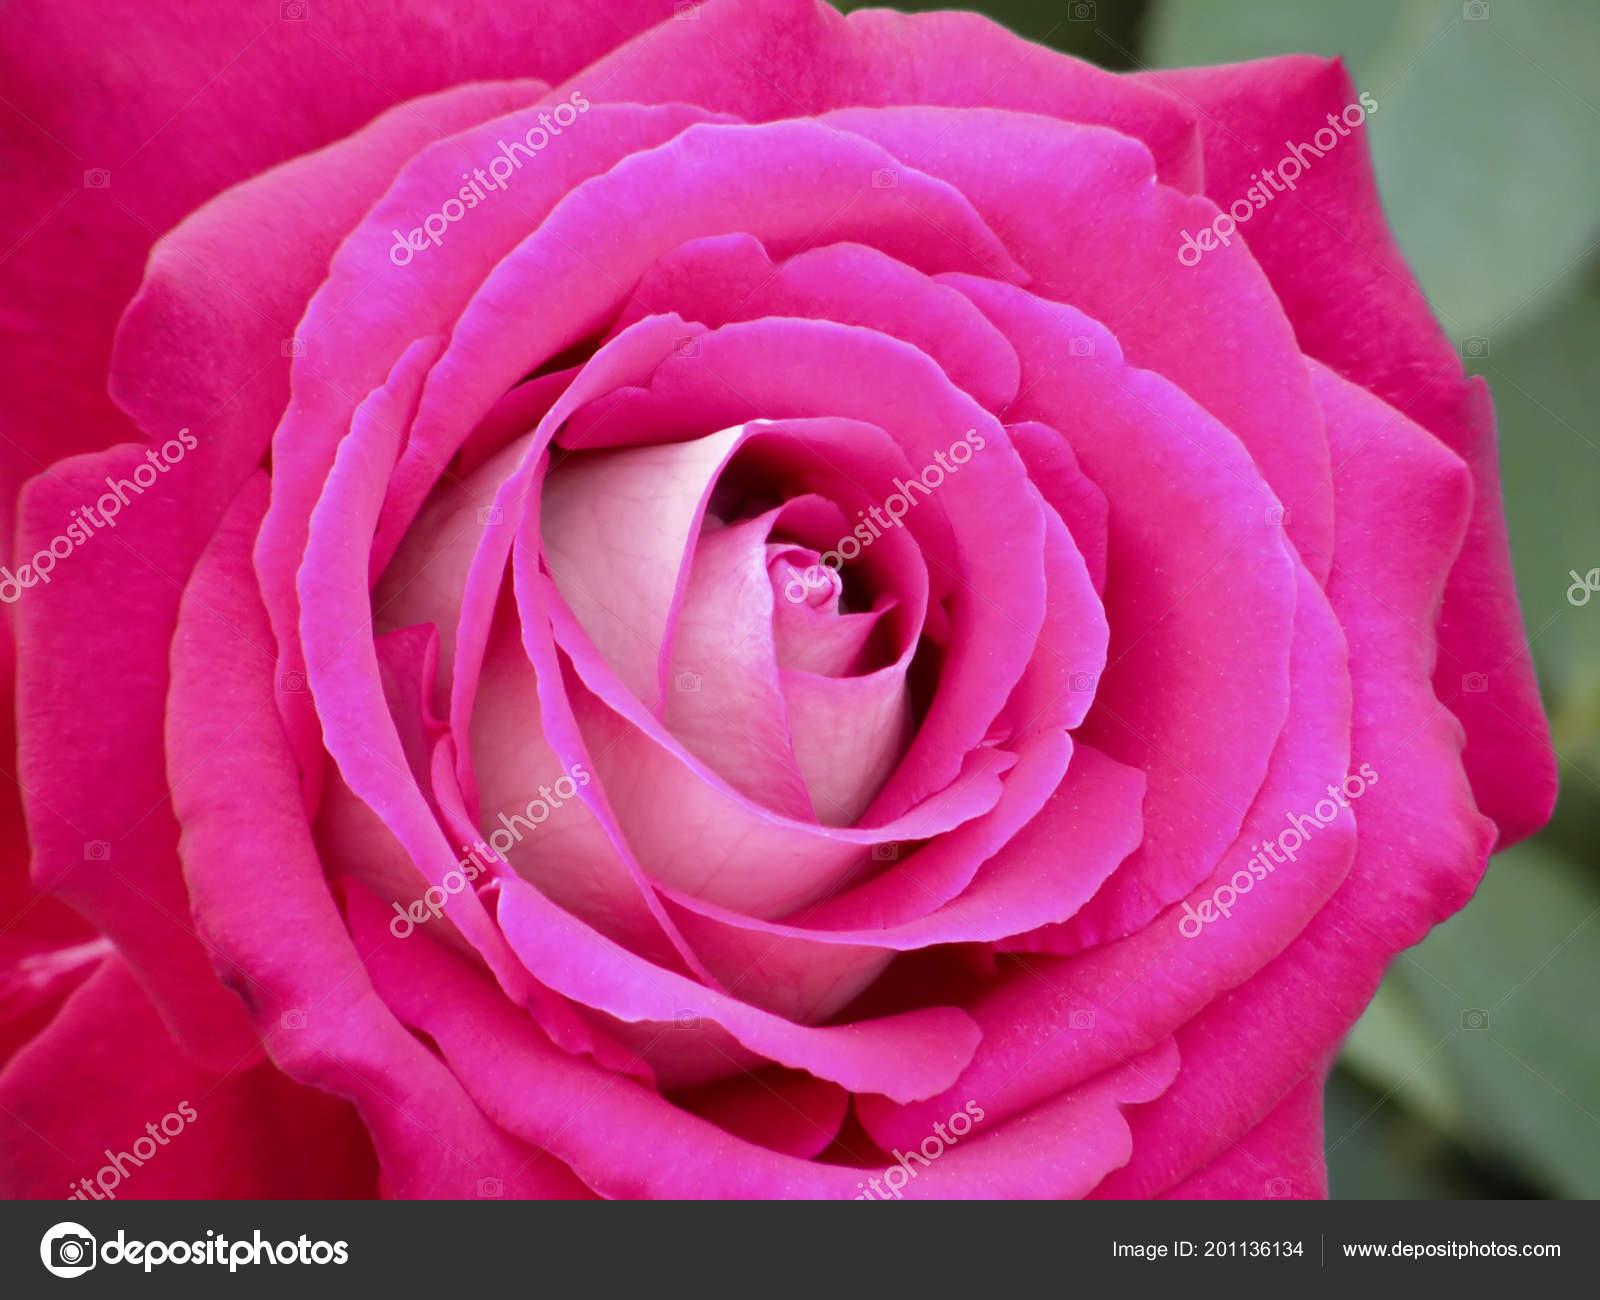 Very Beautiful Flowers Roses Fotos De Stock Tatiana53 201136134